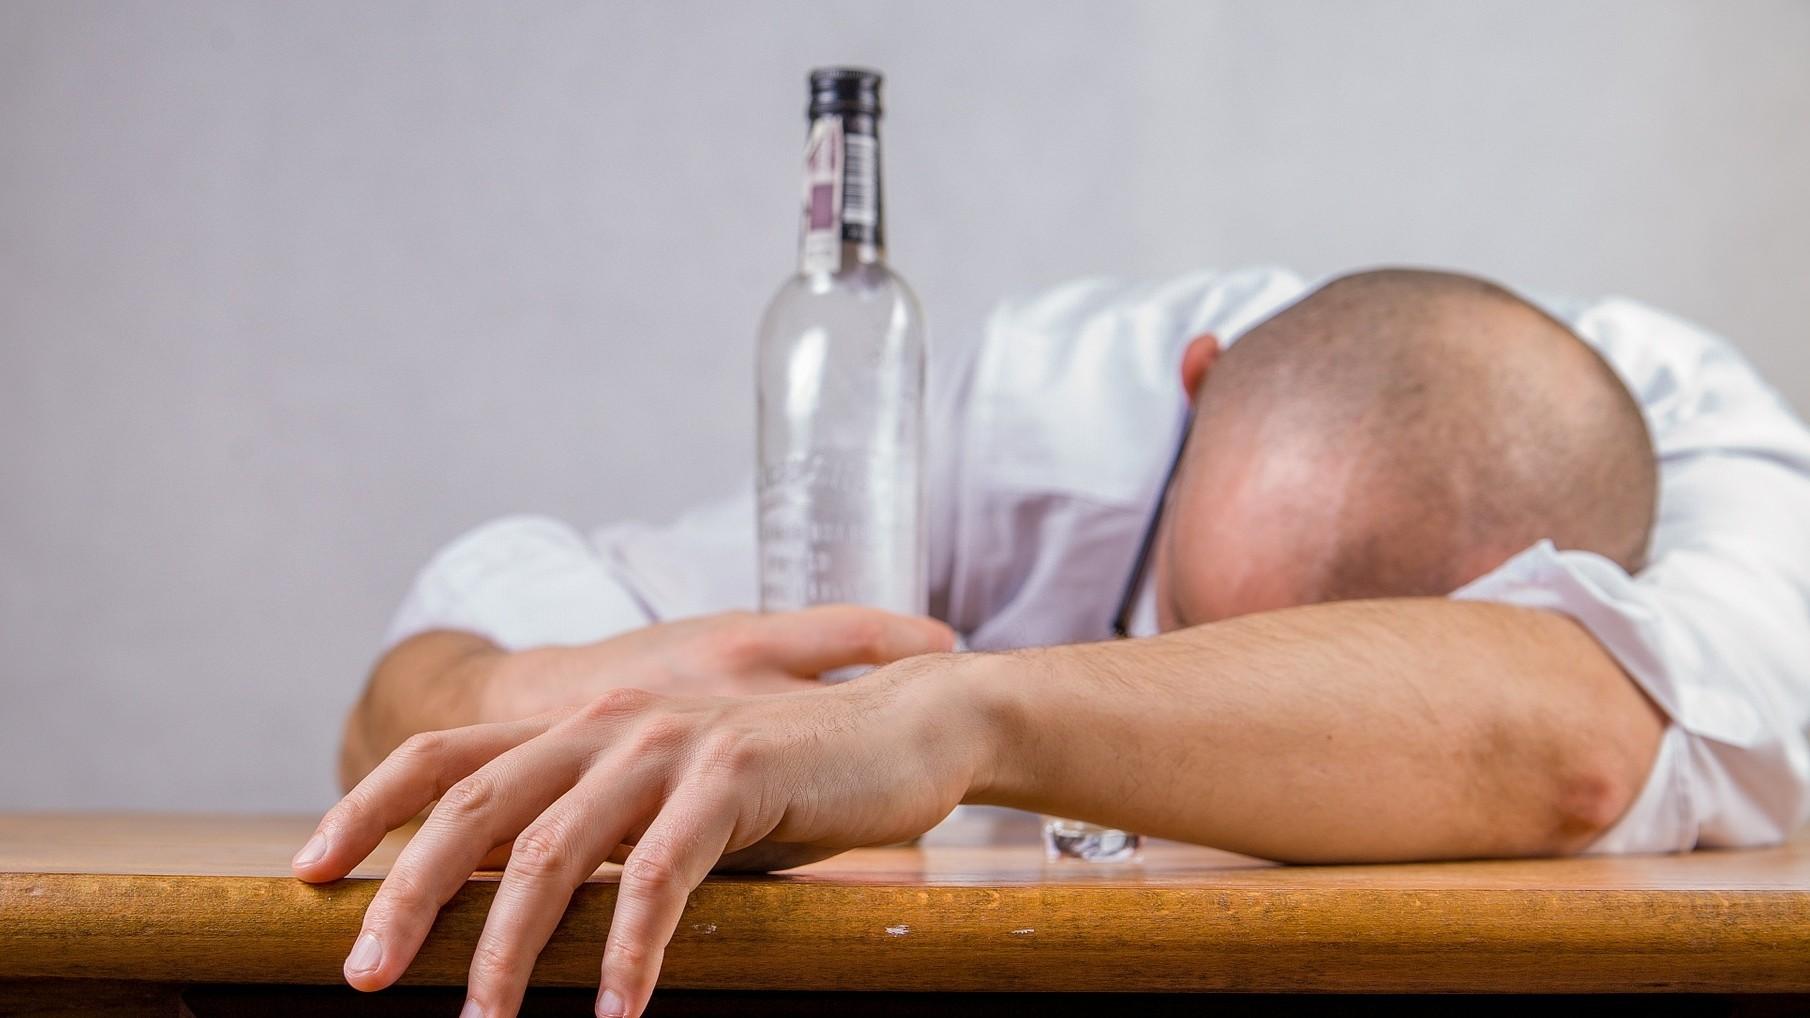 愛喝酒「小心變金魚腦」! 研究:酒鬼大腦比正常人「萎縮20%」